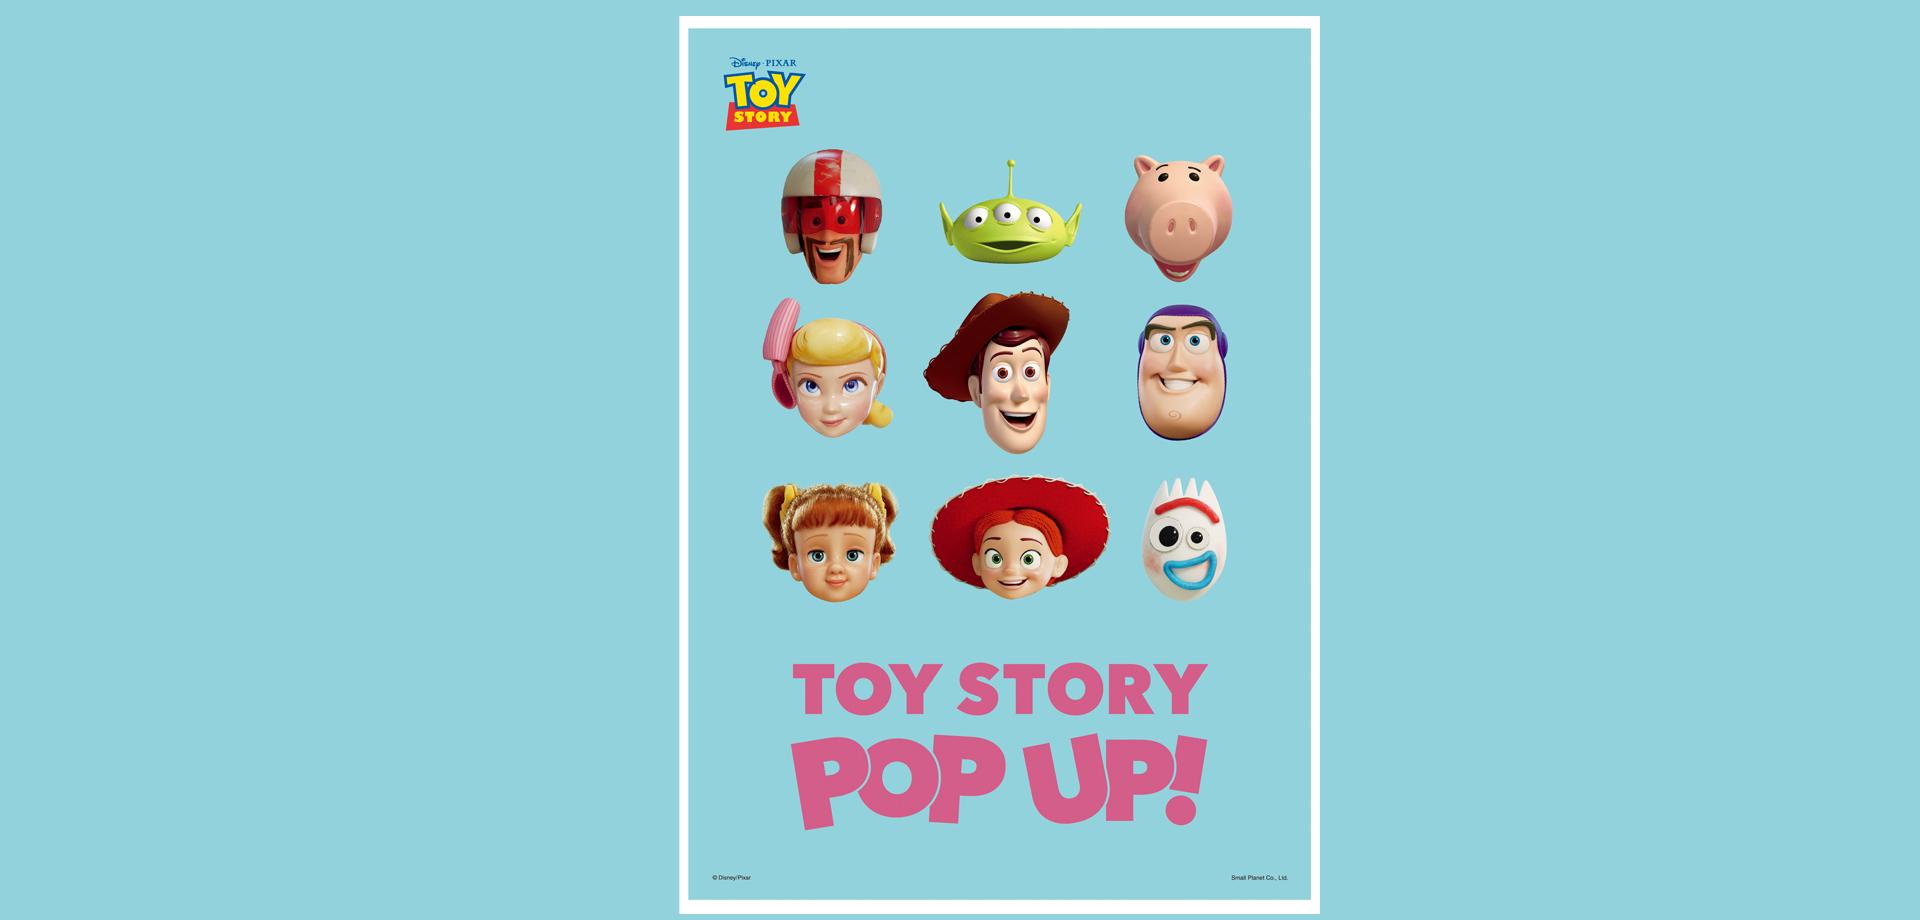 京王百貨店 新宿店「トイ・ストーリー」の POP UP SHOP